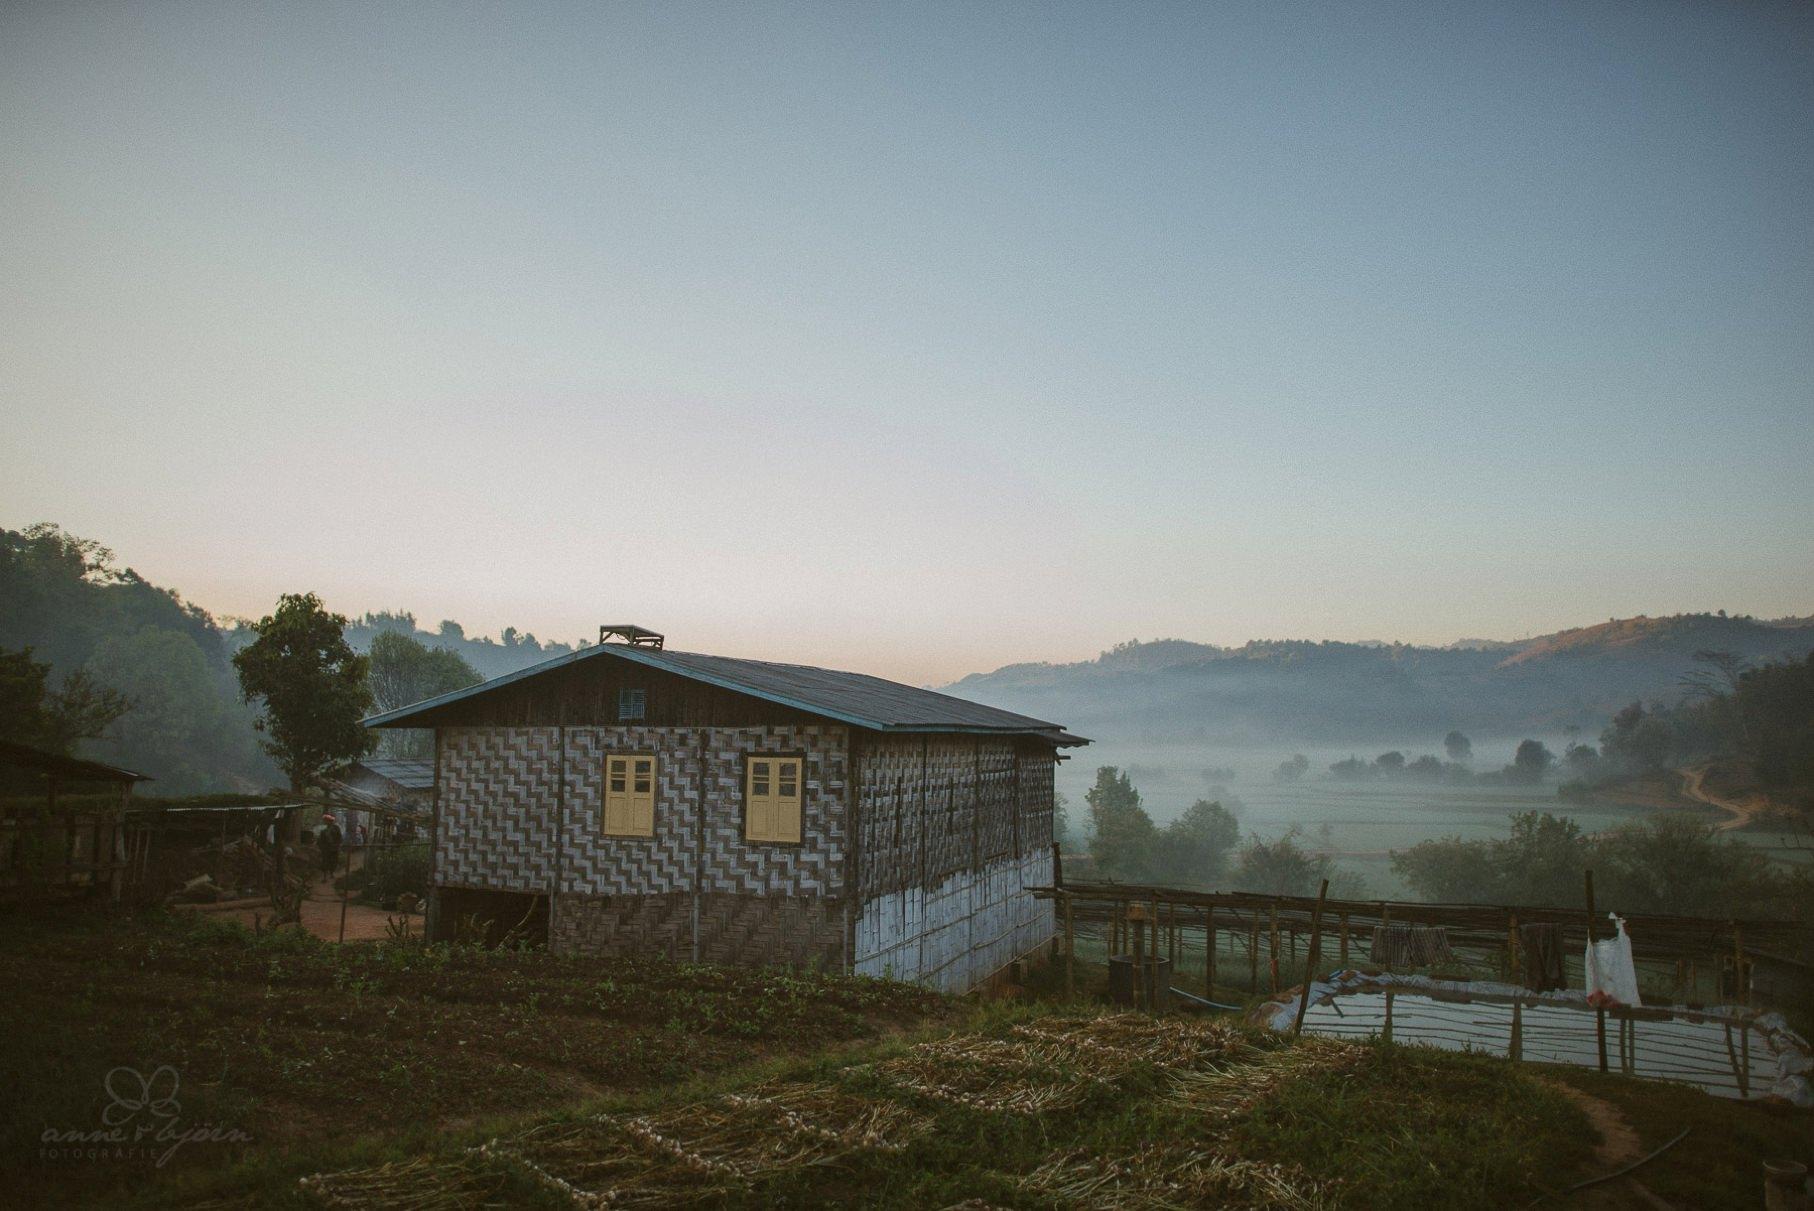 0023 inle lake trekking d76 5653 - Trekking von Kalaw zum Inle-See - Myanmar / Burma